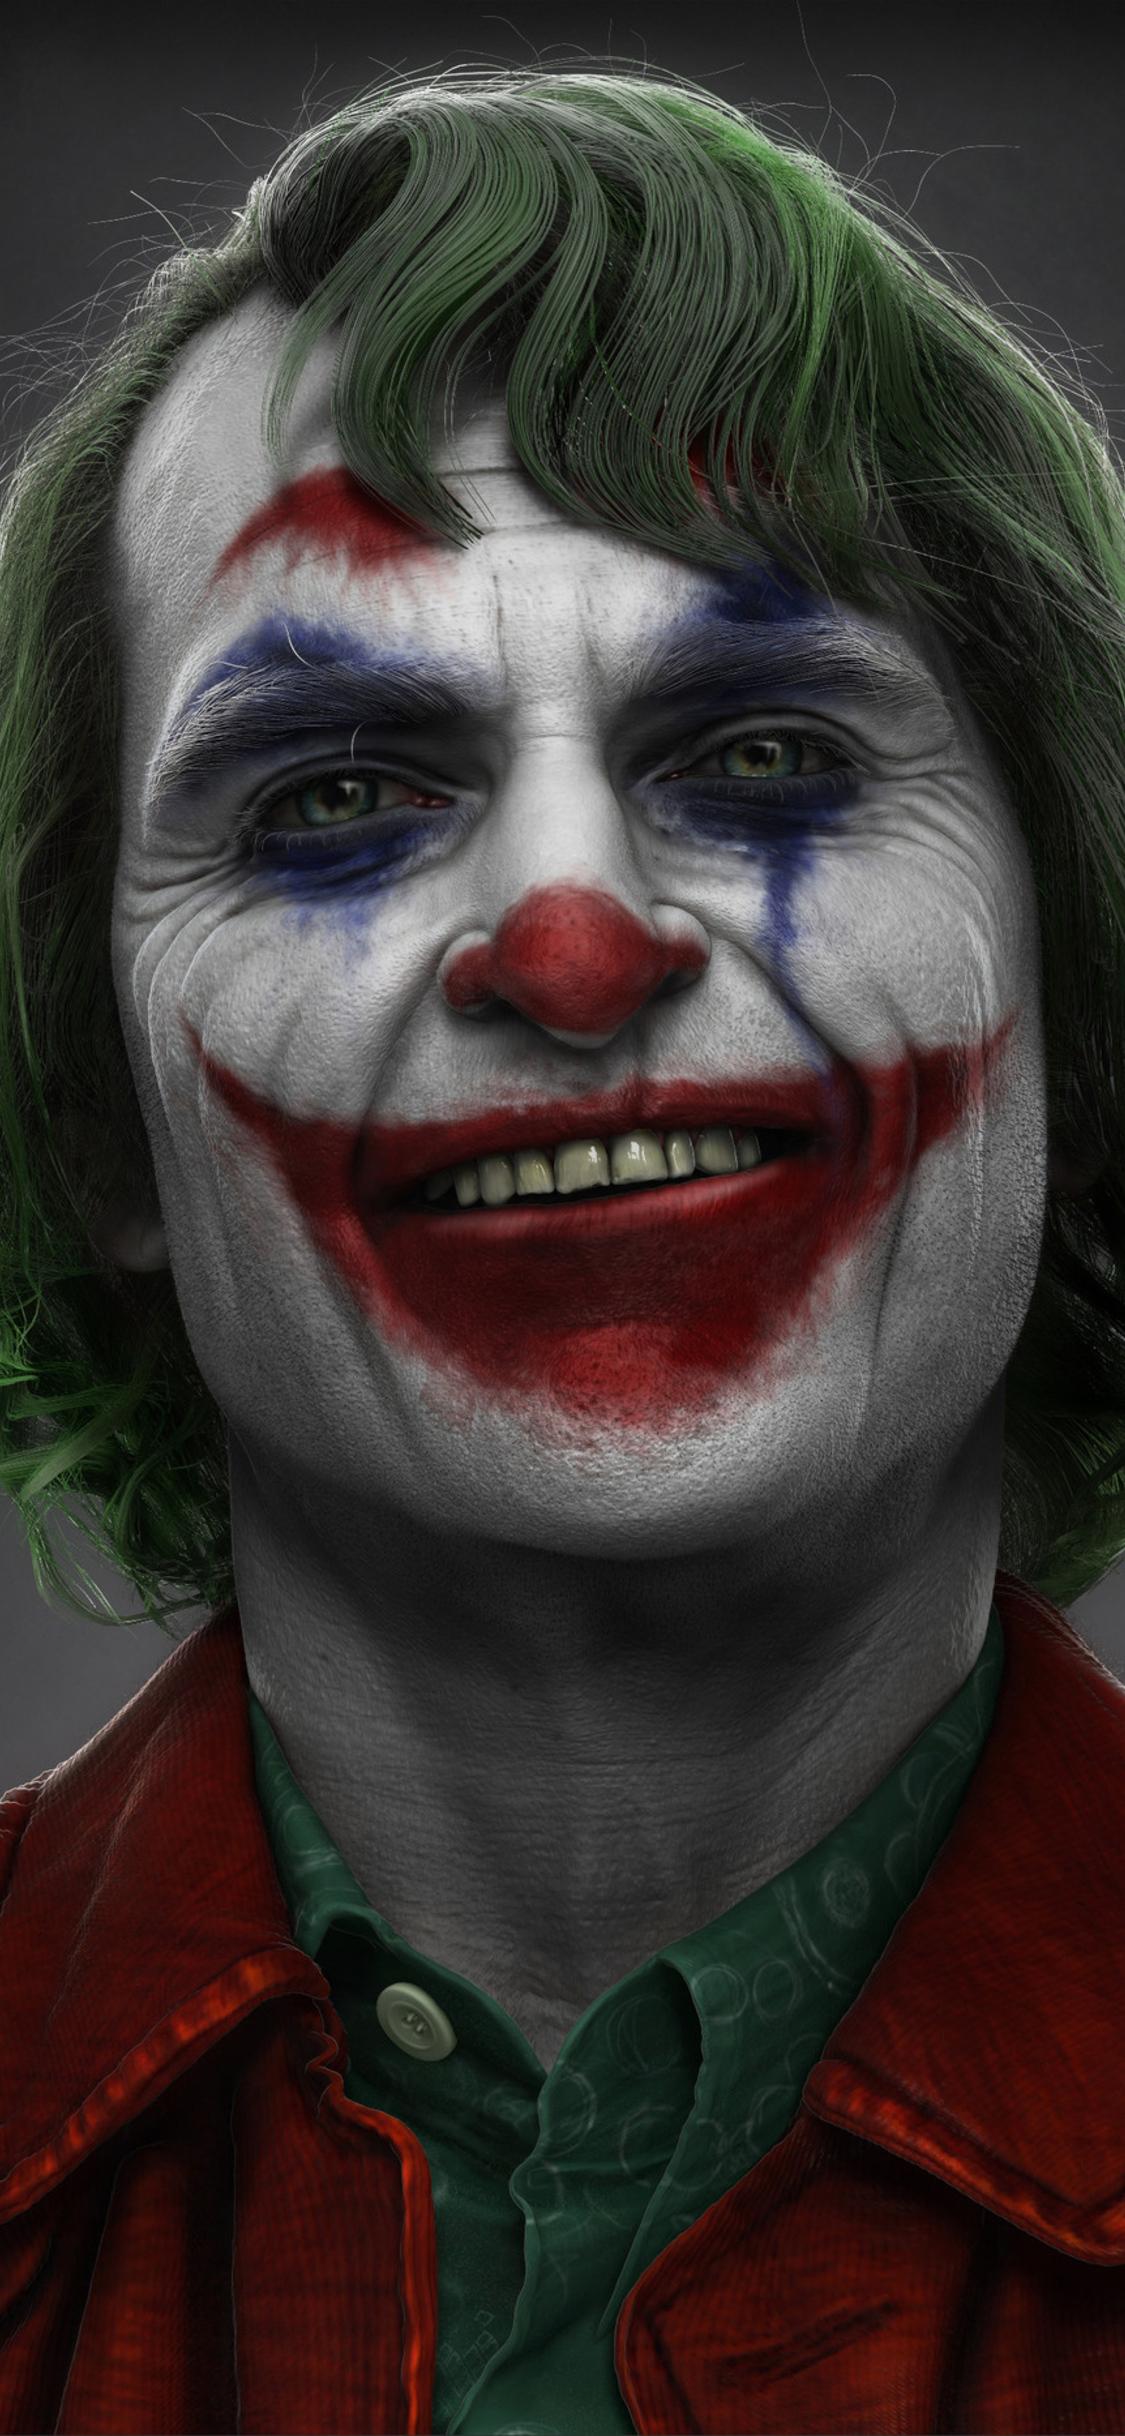 1125x2436 Joker Joaquin Phoenix Art Iphone Xs Iphone 10